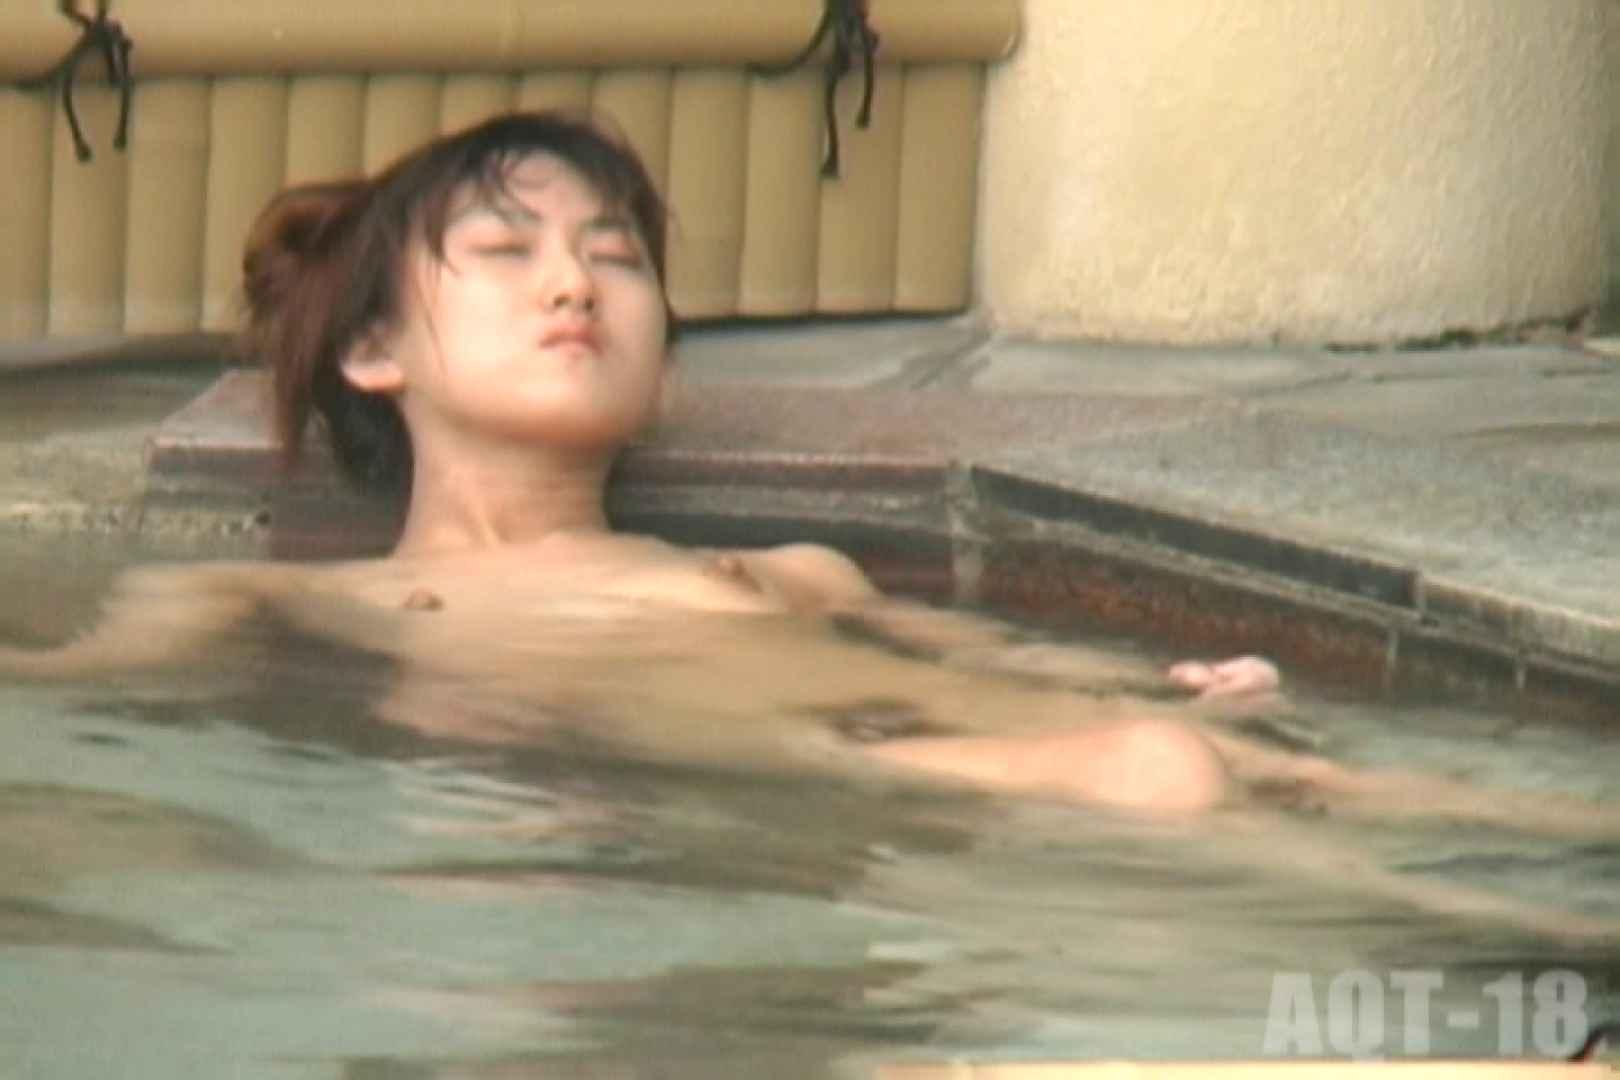 Aquaな露天風呂Vol.862 露天   OLエロ画像  92PICs 1